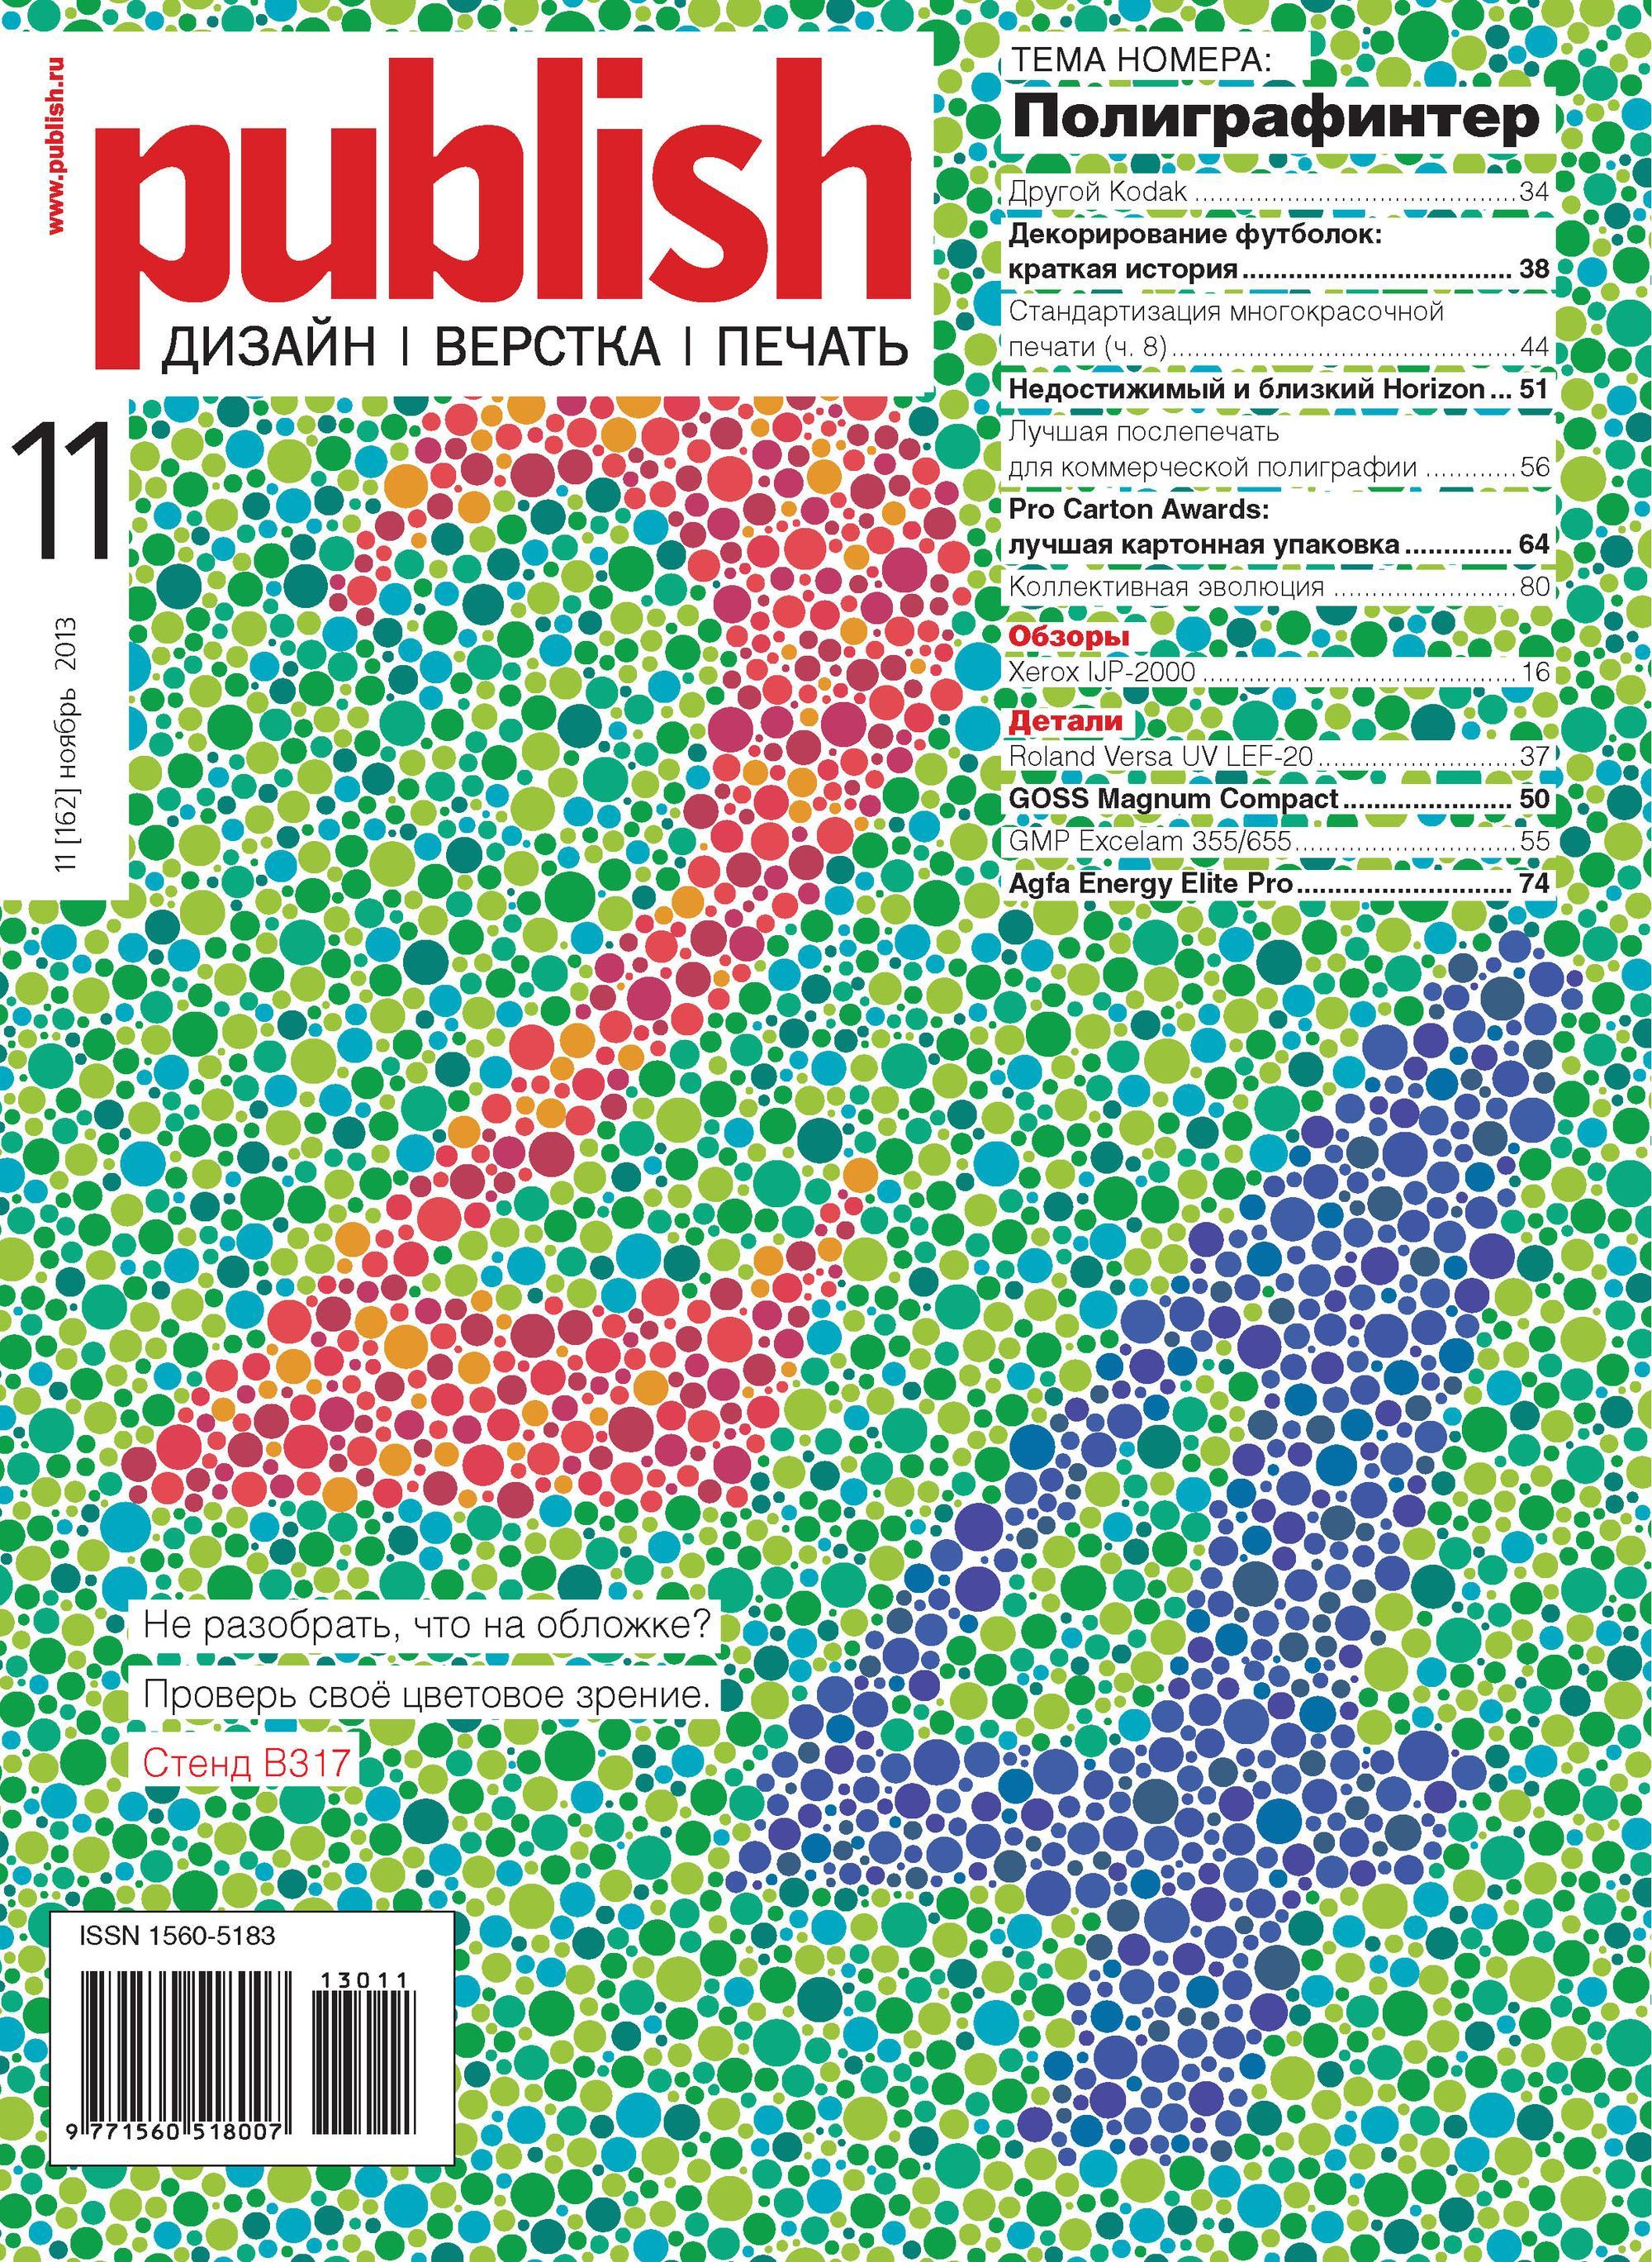 Открытые системы Журнал Publish №11/2013 цена 2017